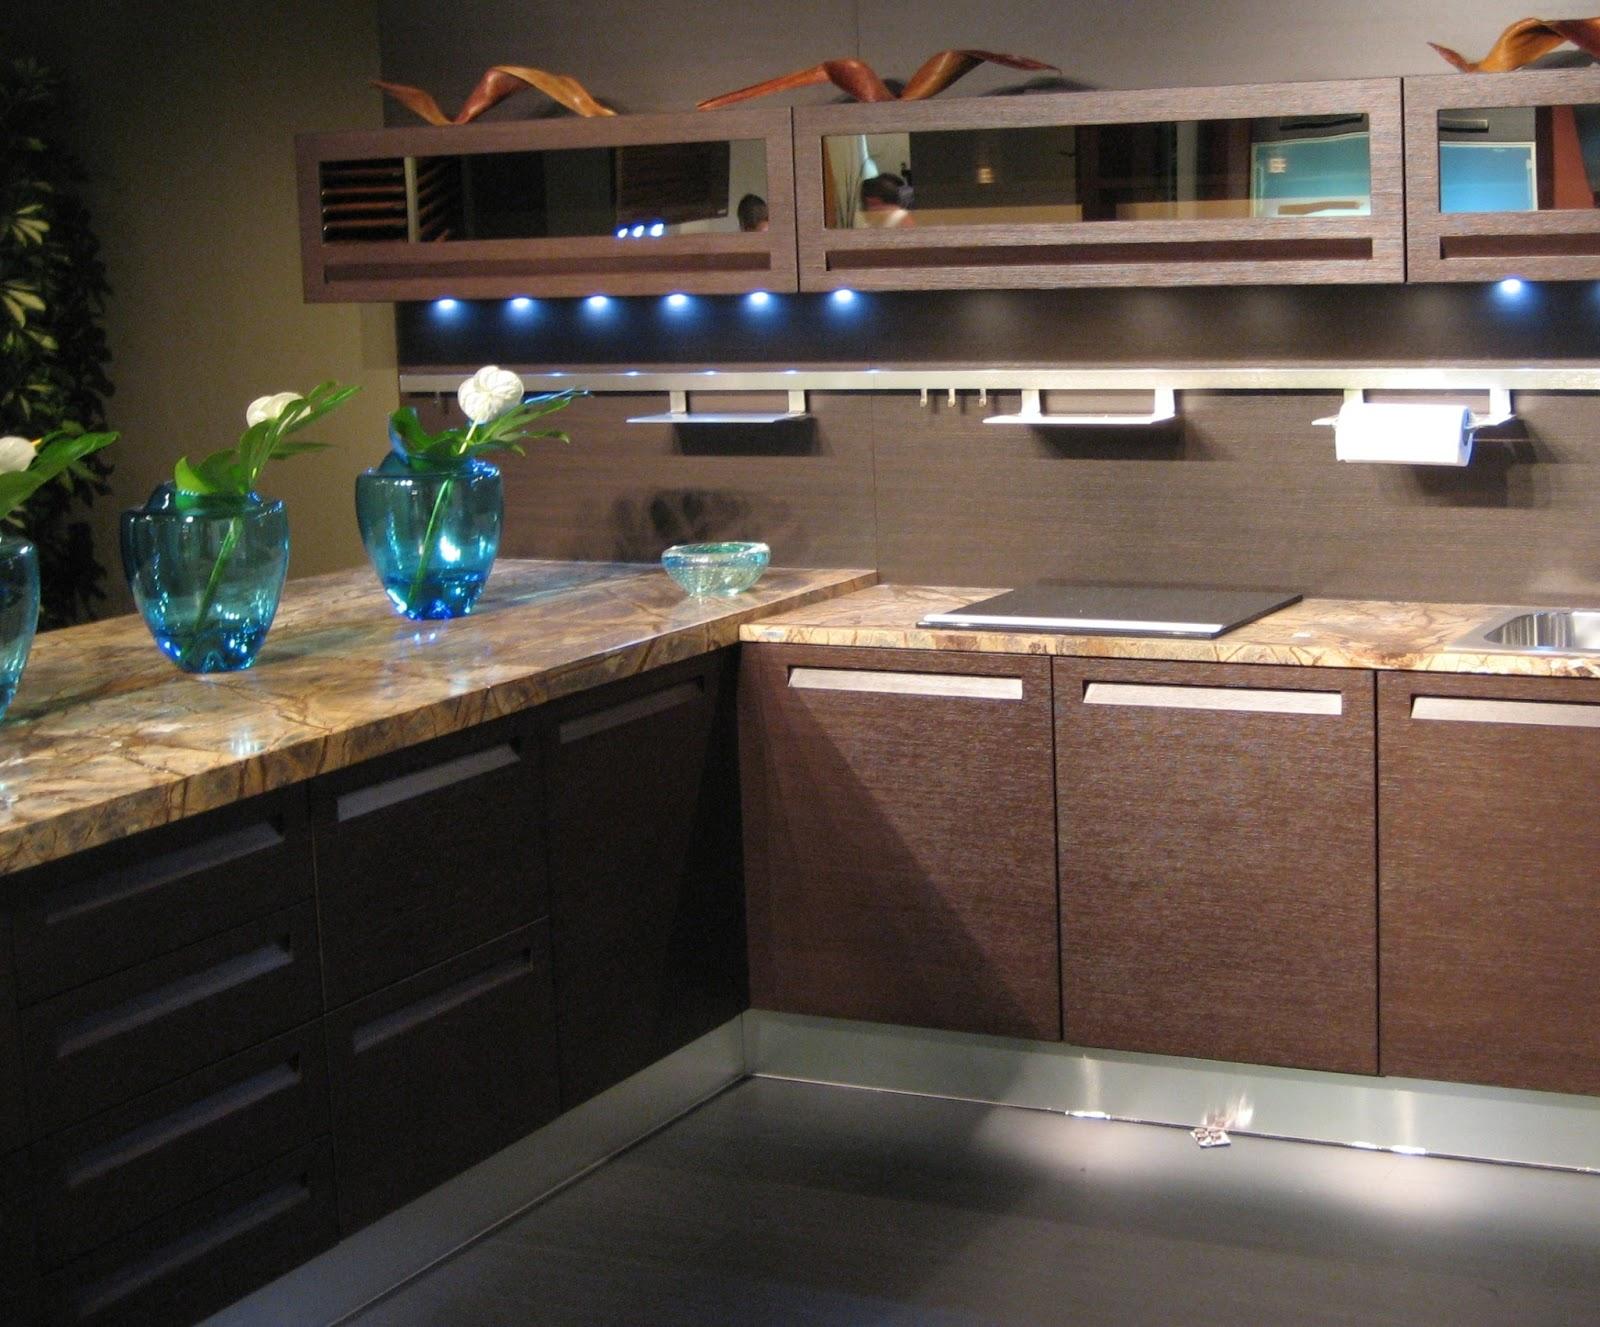 Encimeras de cocina: cuáles son y cómo conservarlas - Cocinas con estilo